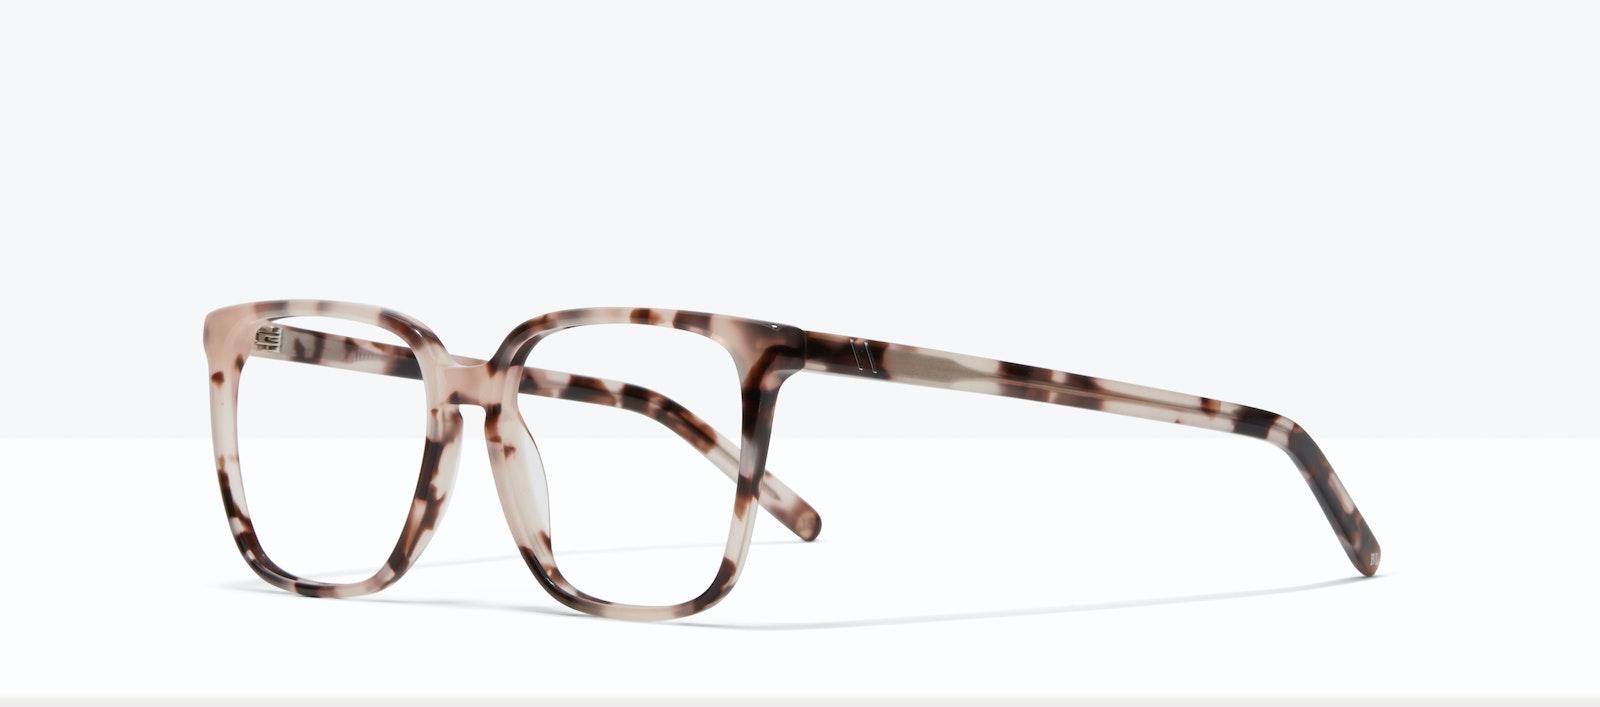 Affordable Fashion Glasses Square Eyeglasses Women Runway S Marbled Pink Tilt